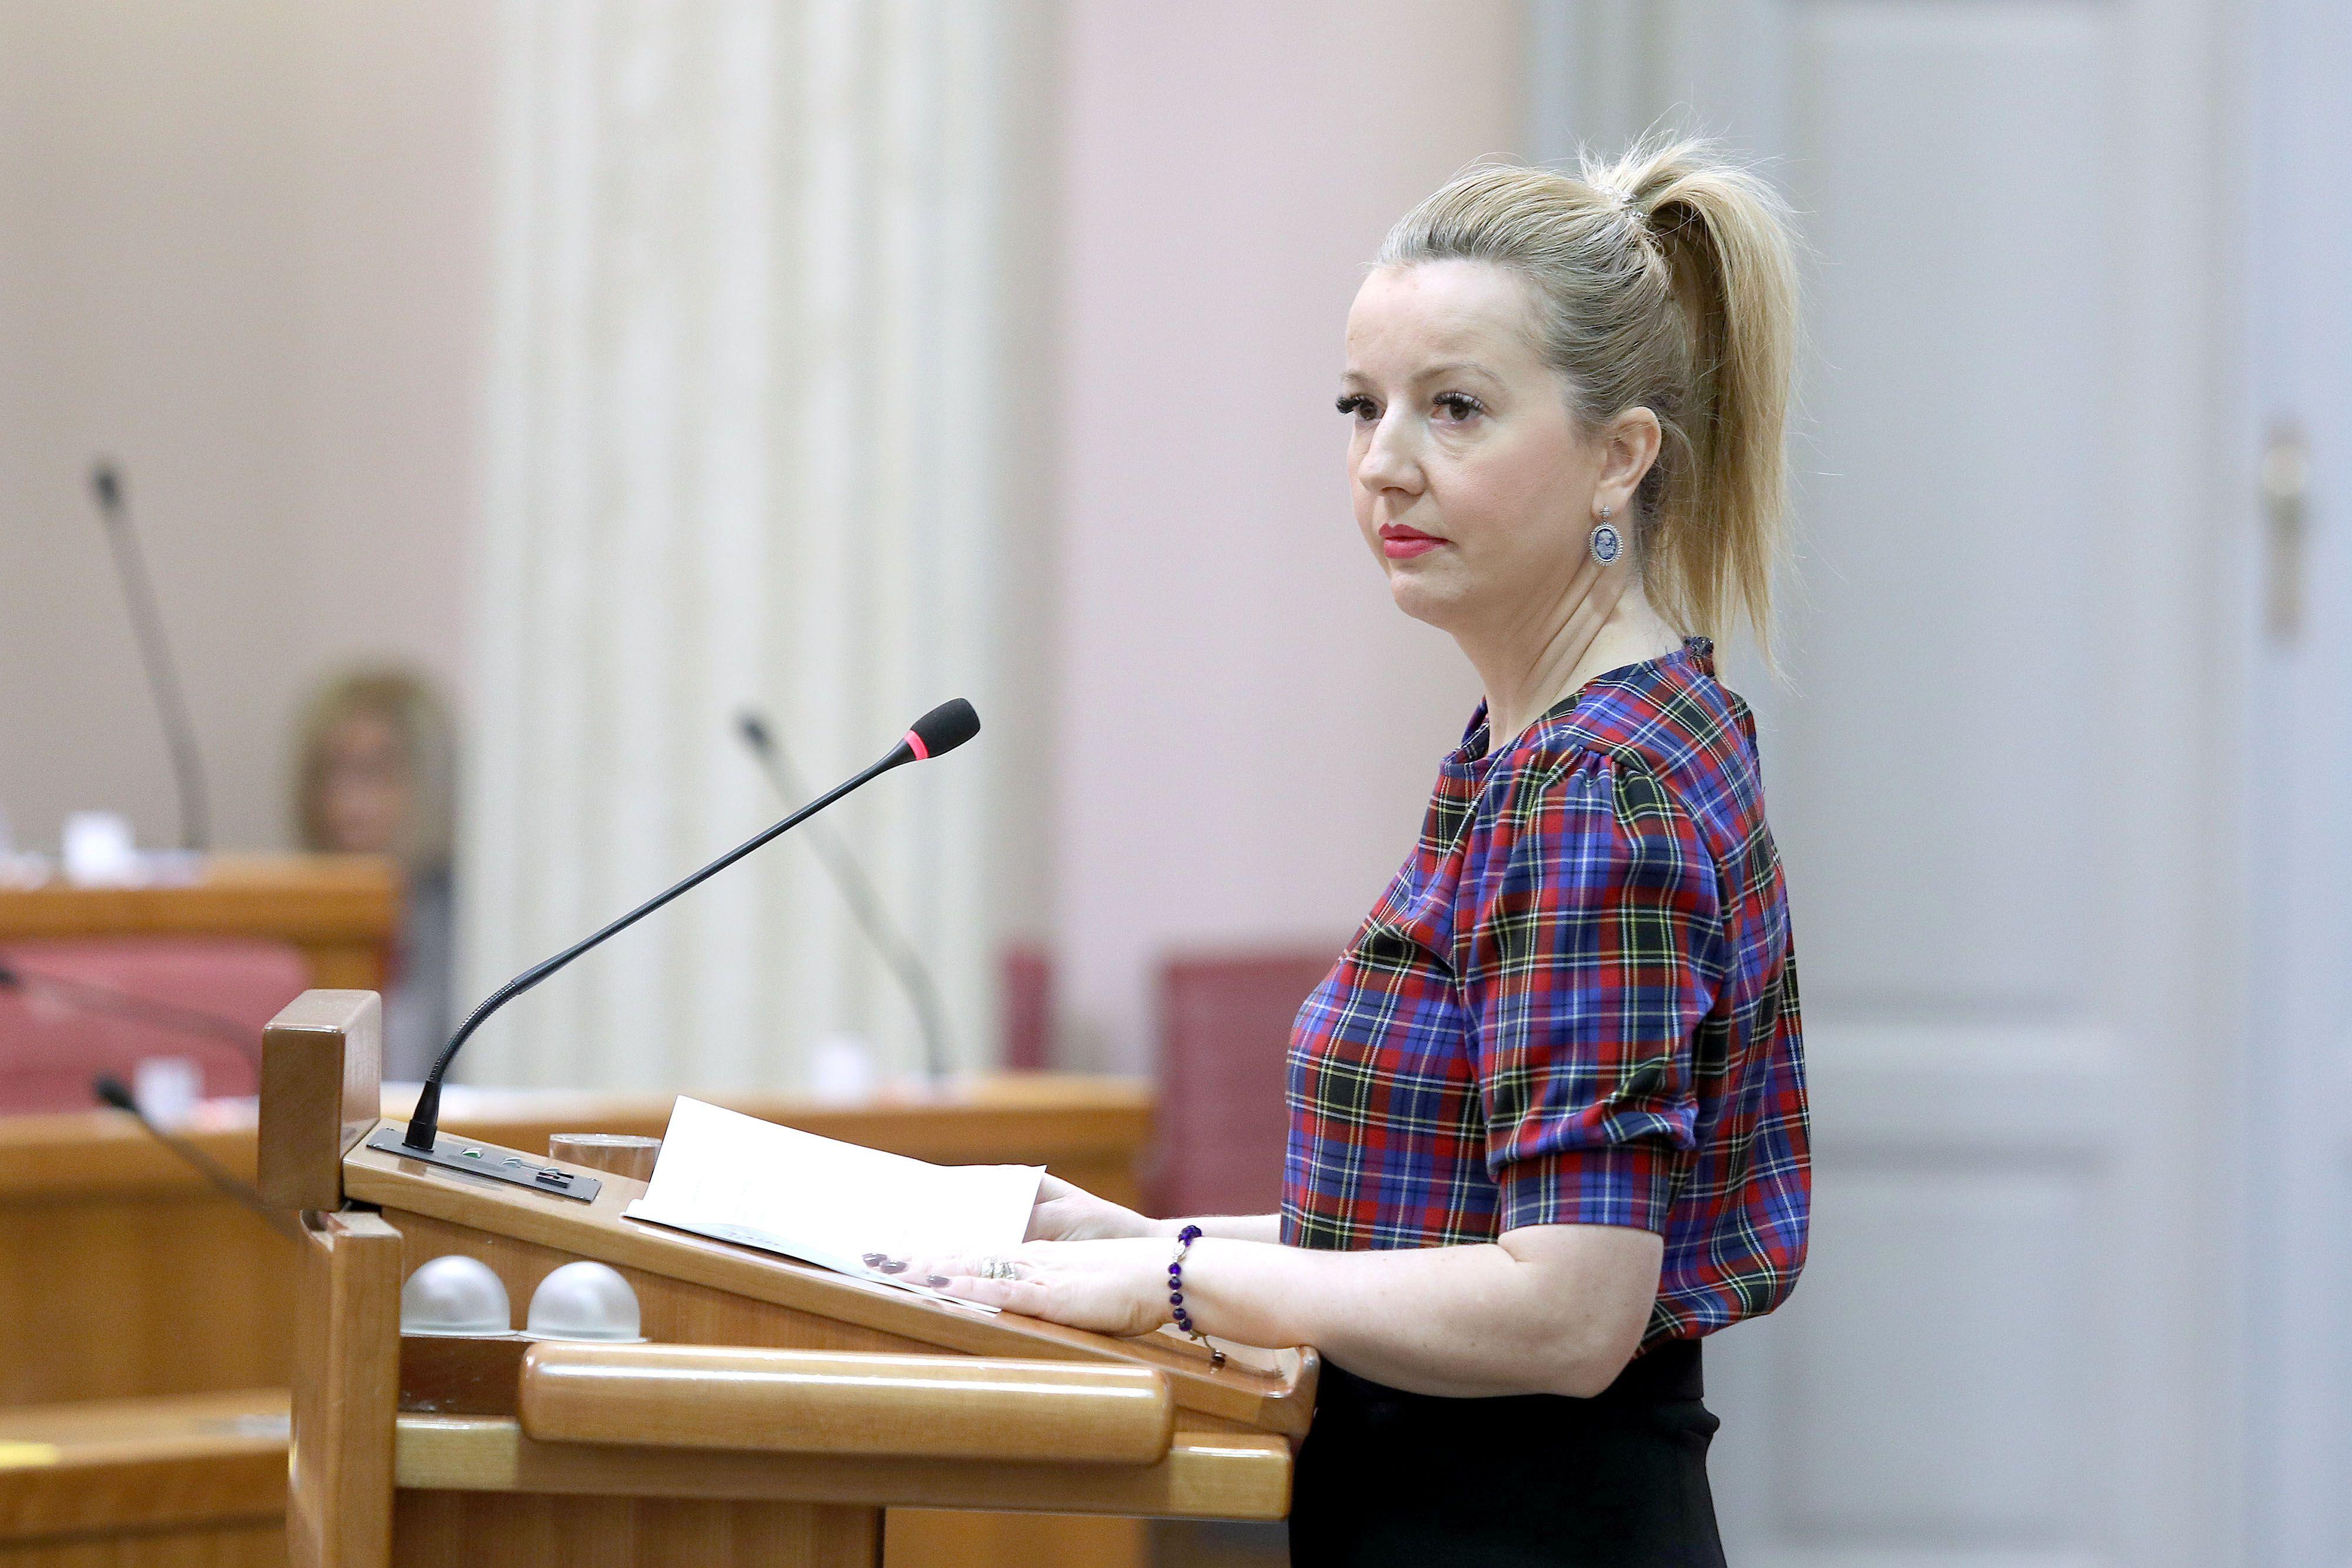 Istaknula figuru: Margareta Mađerić u Saboru nosi trendi top i visoke štikle, a pokazala i novu frizuru